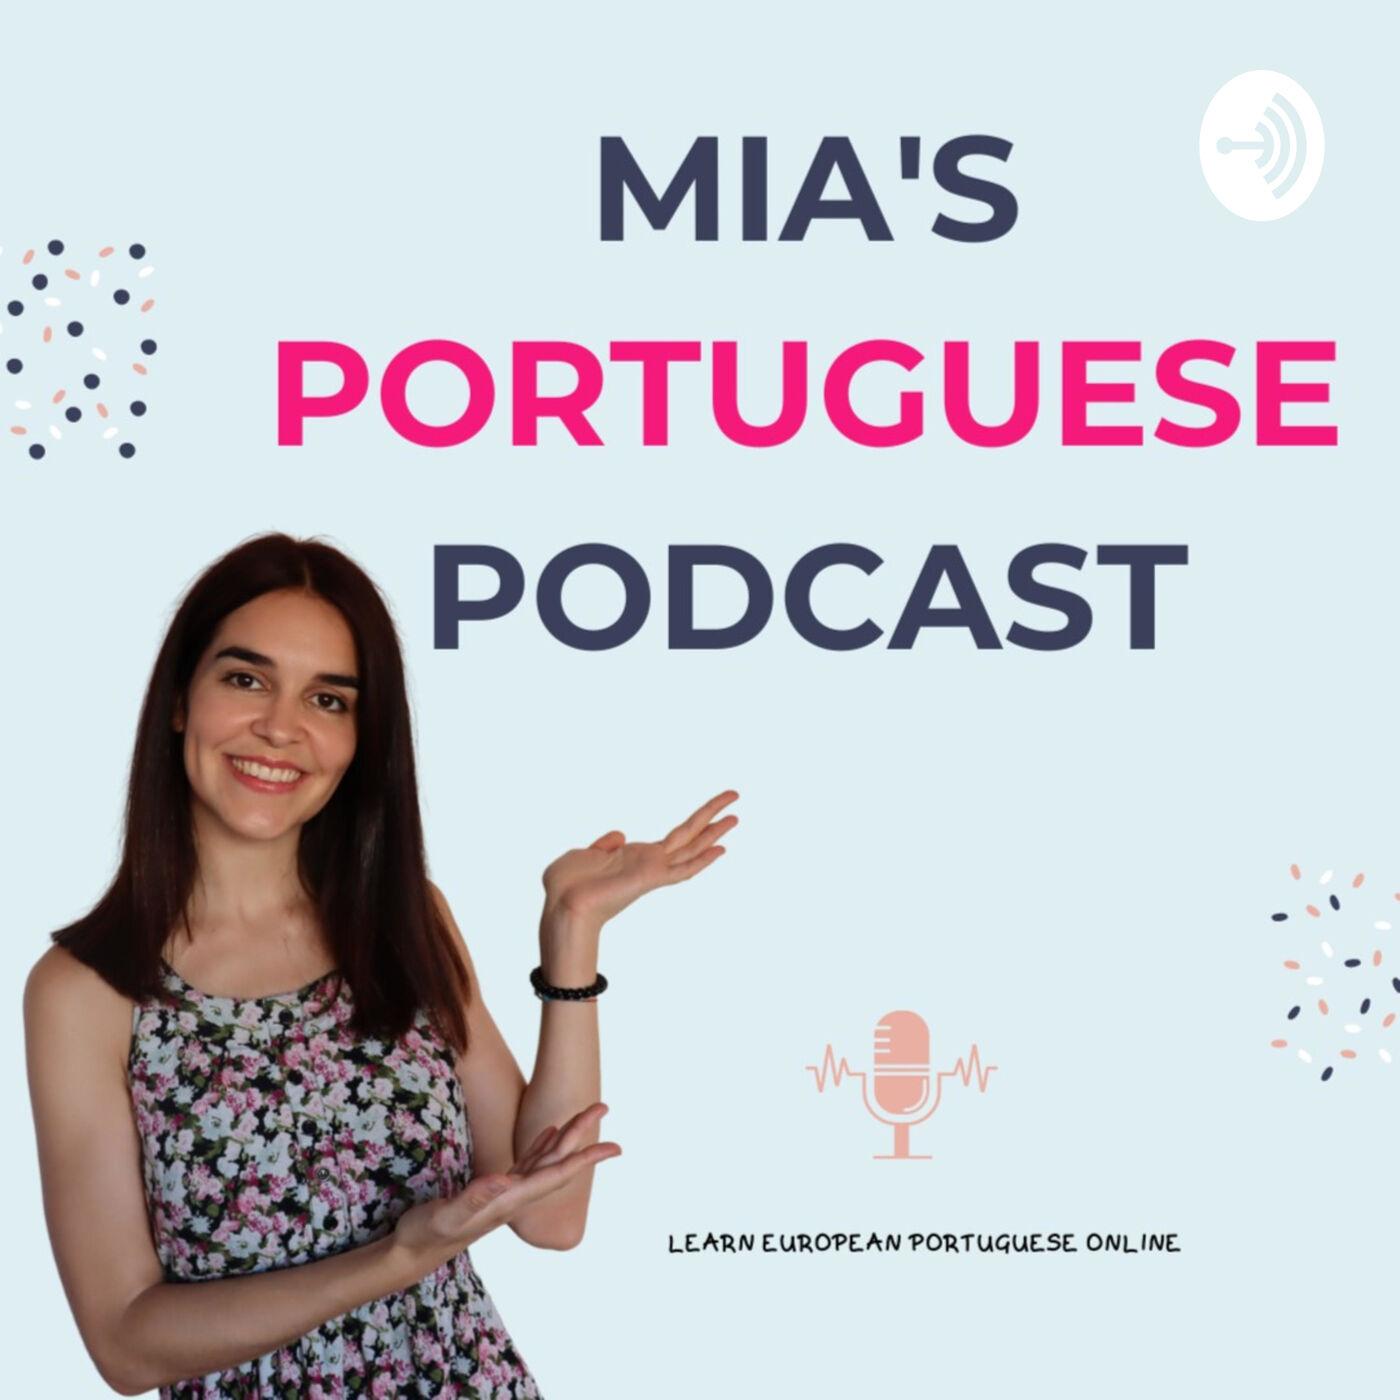 Mia's Portuguese Podcast 15 - Expressões e lugares típicos do Porto